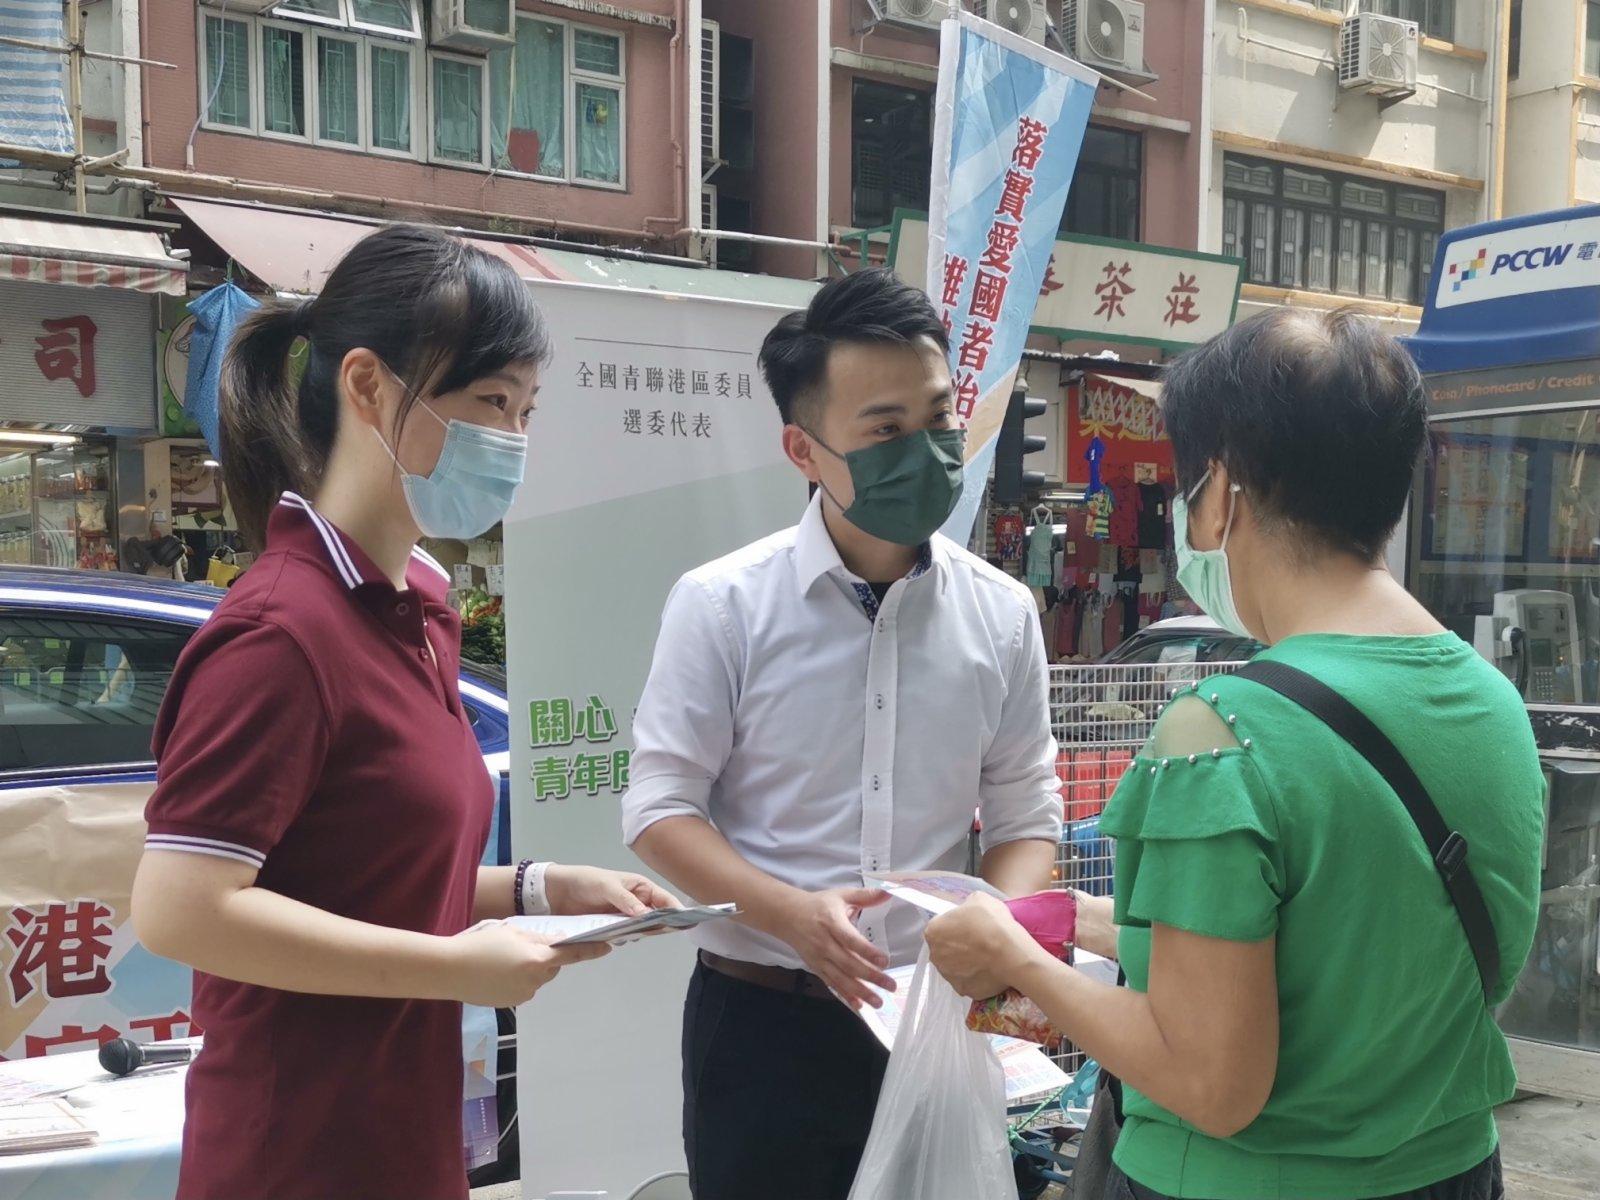 全國青聯港區委員黃芷淵和施永泰連續兩天在西環石塘咀街站派傳單。